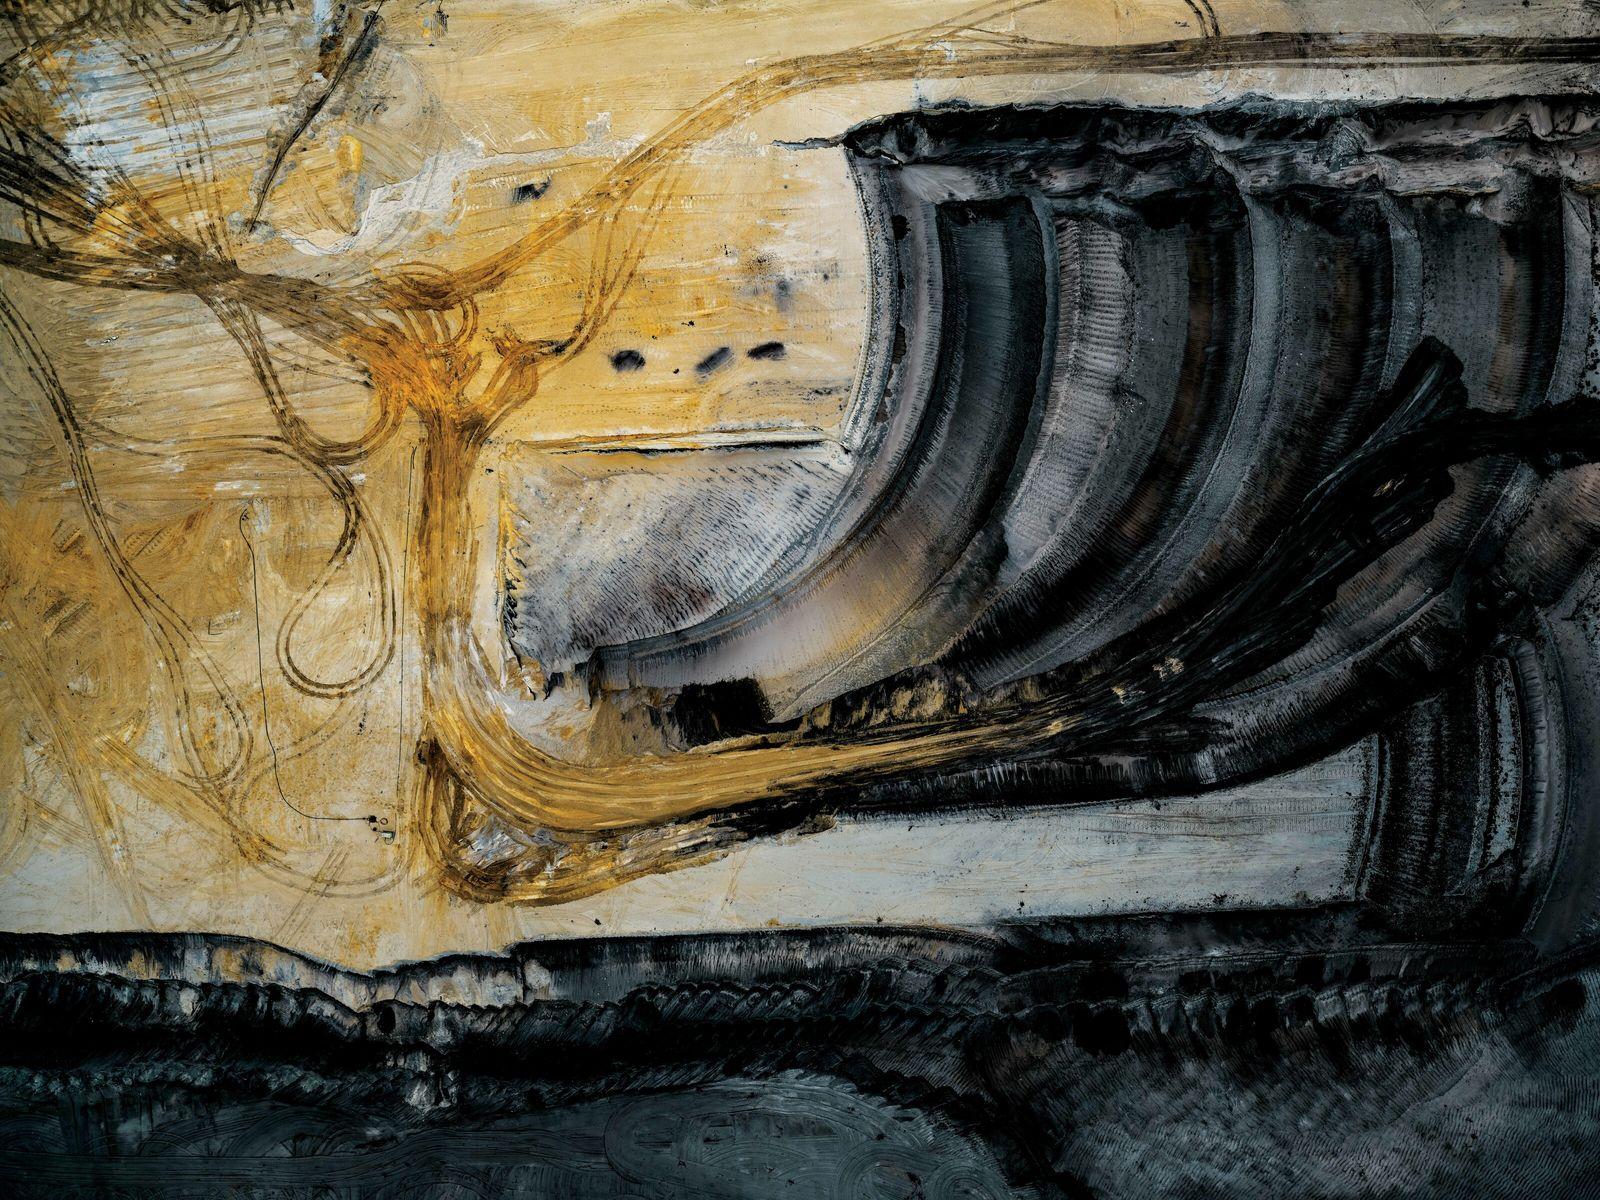 Aus der Vogelperspektive zeigen die Bilder von Tom Hegen, wie der Braunkohletagebau unsere Landschaften verändert hat.